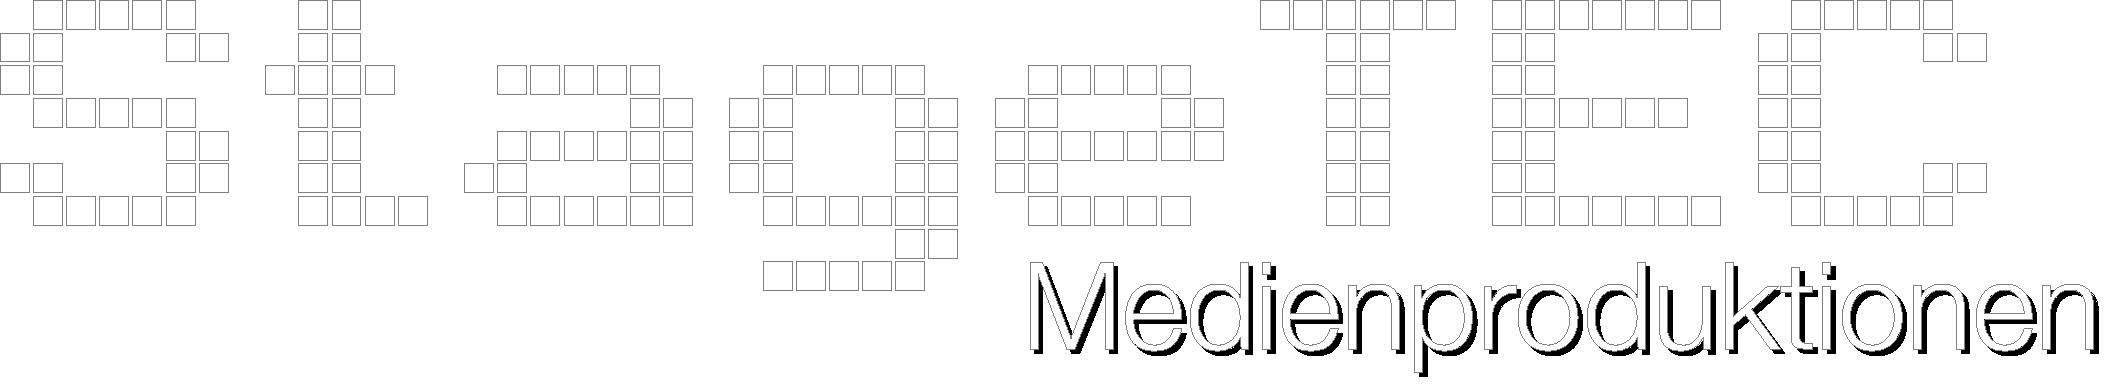 StageTEC Medienproduktionen